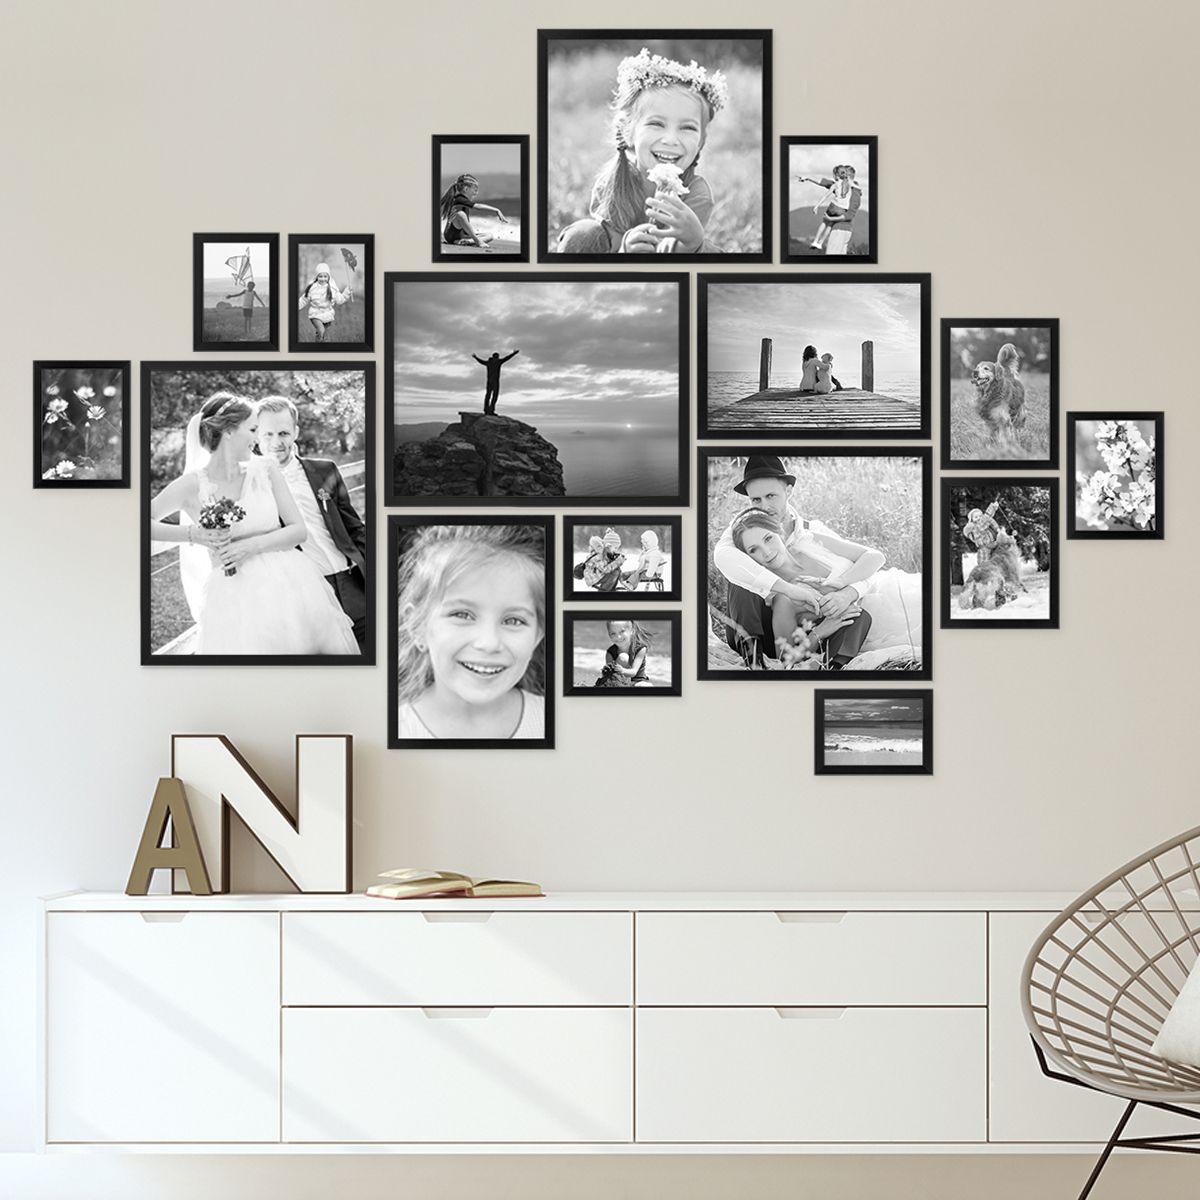 17er Bilderrahmen-Set Modern Schwarz aus MDF 10x15 bis 30x40 cm / Bildergalerie / Bilderwand #collagewalls